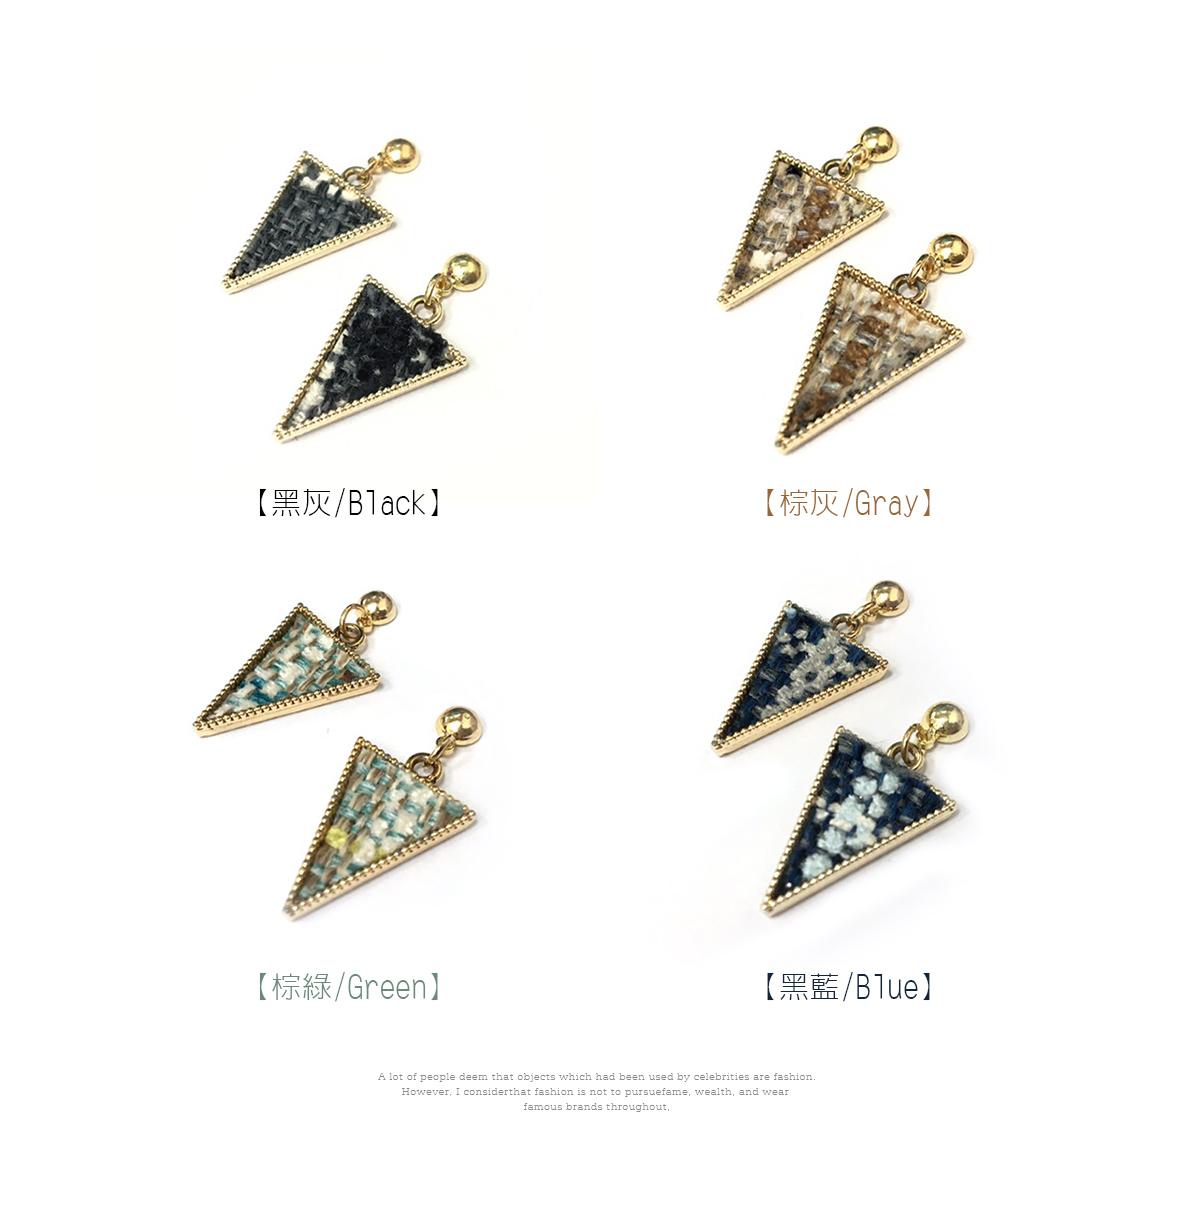 時尚棉麻編織三角形黏式耳環,黑灰,棕灰,棕綠,黑藍